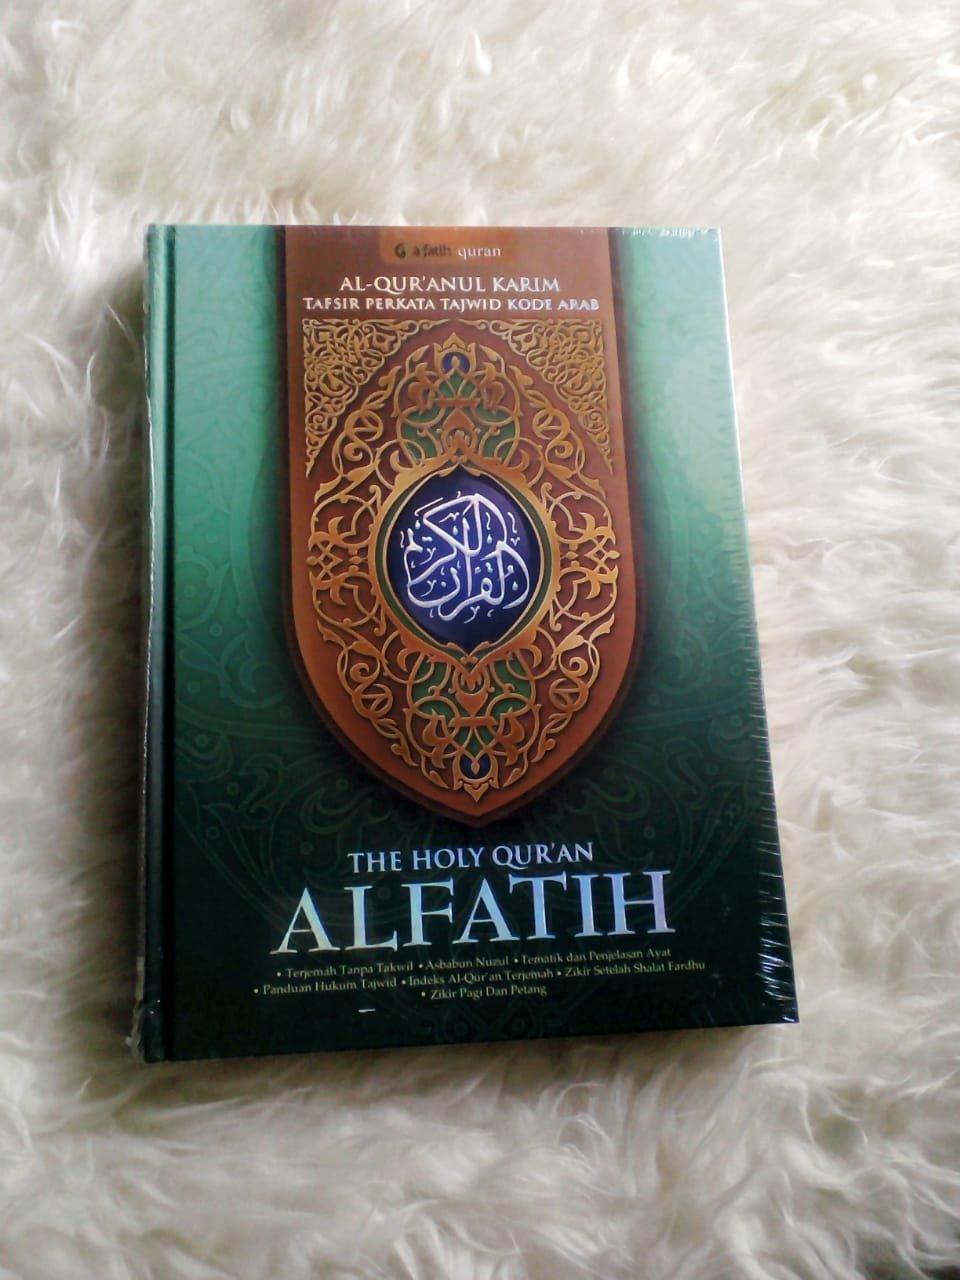 Al quran al fatih the holy quran